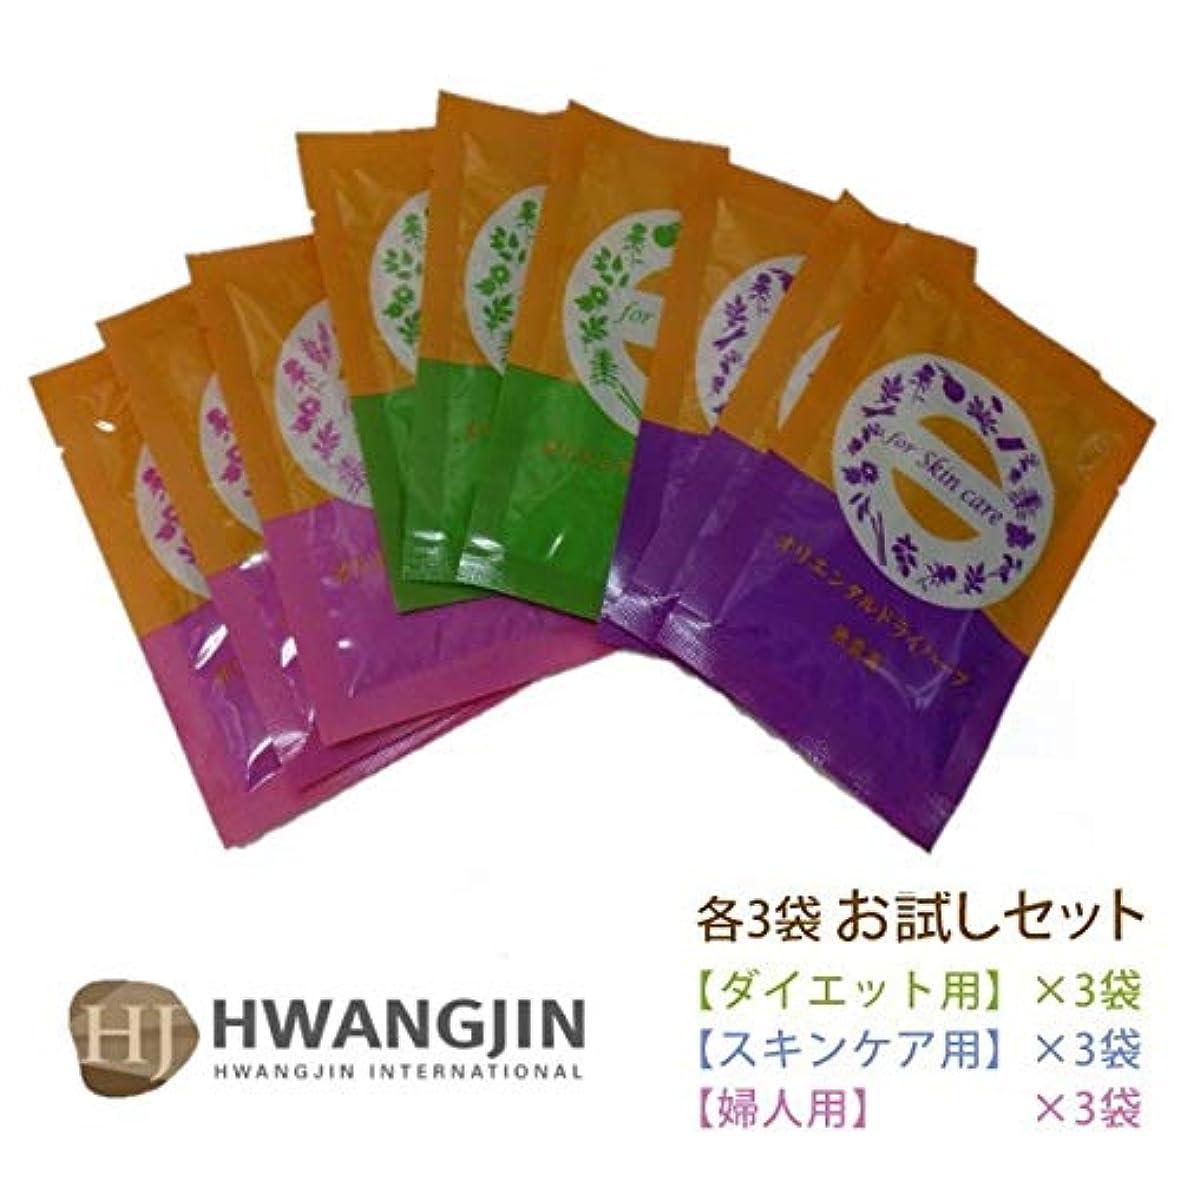 良性とても多くのテクトニックファンジン黄土 座浴剤 9袋 正規品 (3種(ダイエット、女性、皮膚美容)各3 計9袋)